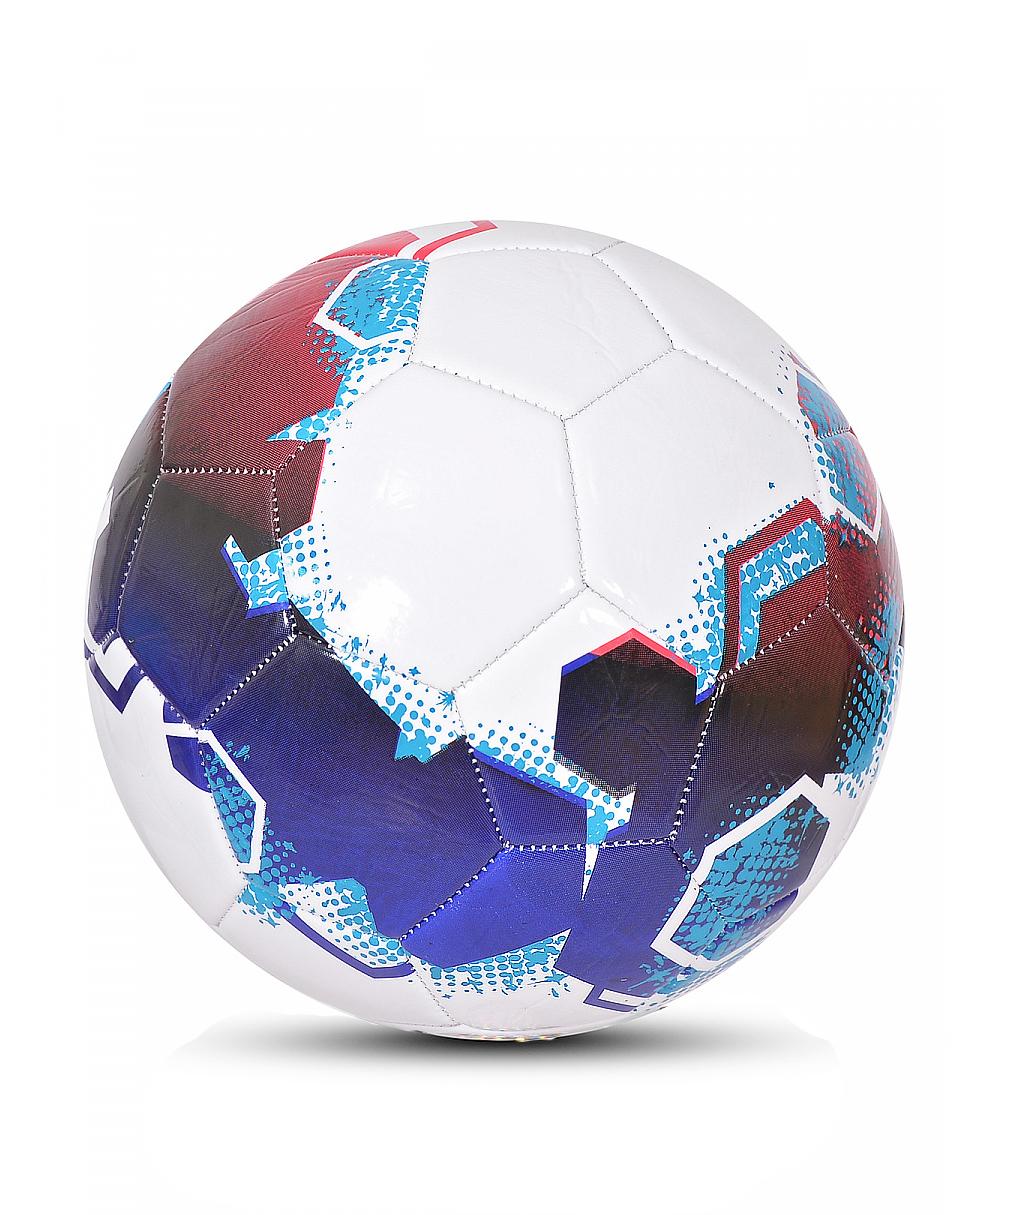 Купить детский футбольный мяч (Размер 5) в интернет-магазине. В наличии в Новосибирске